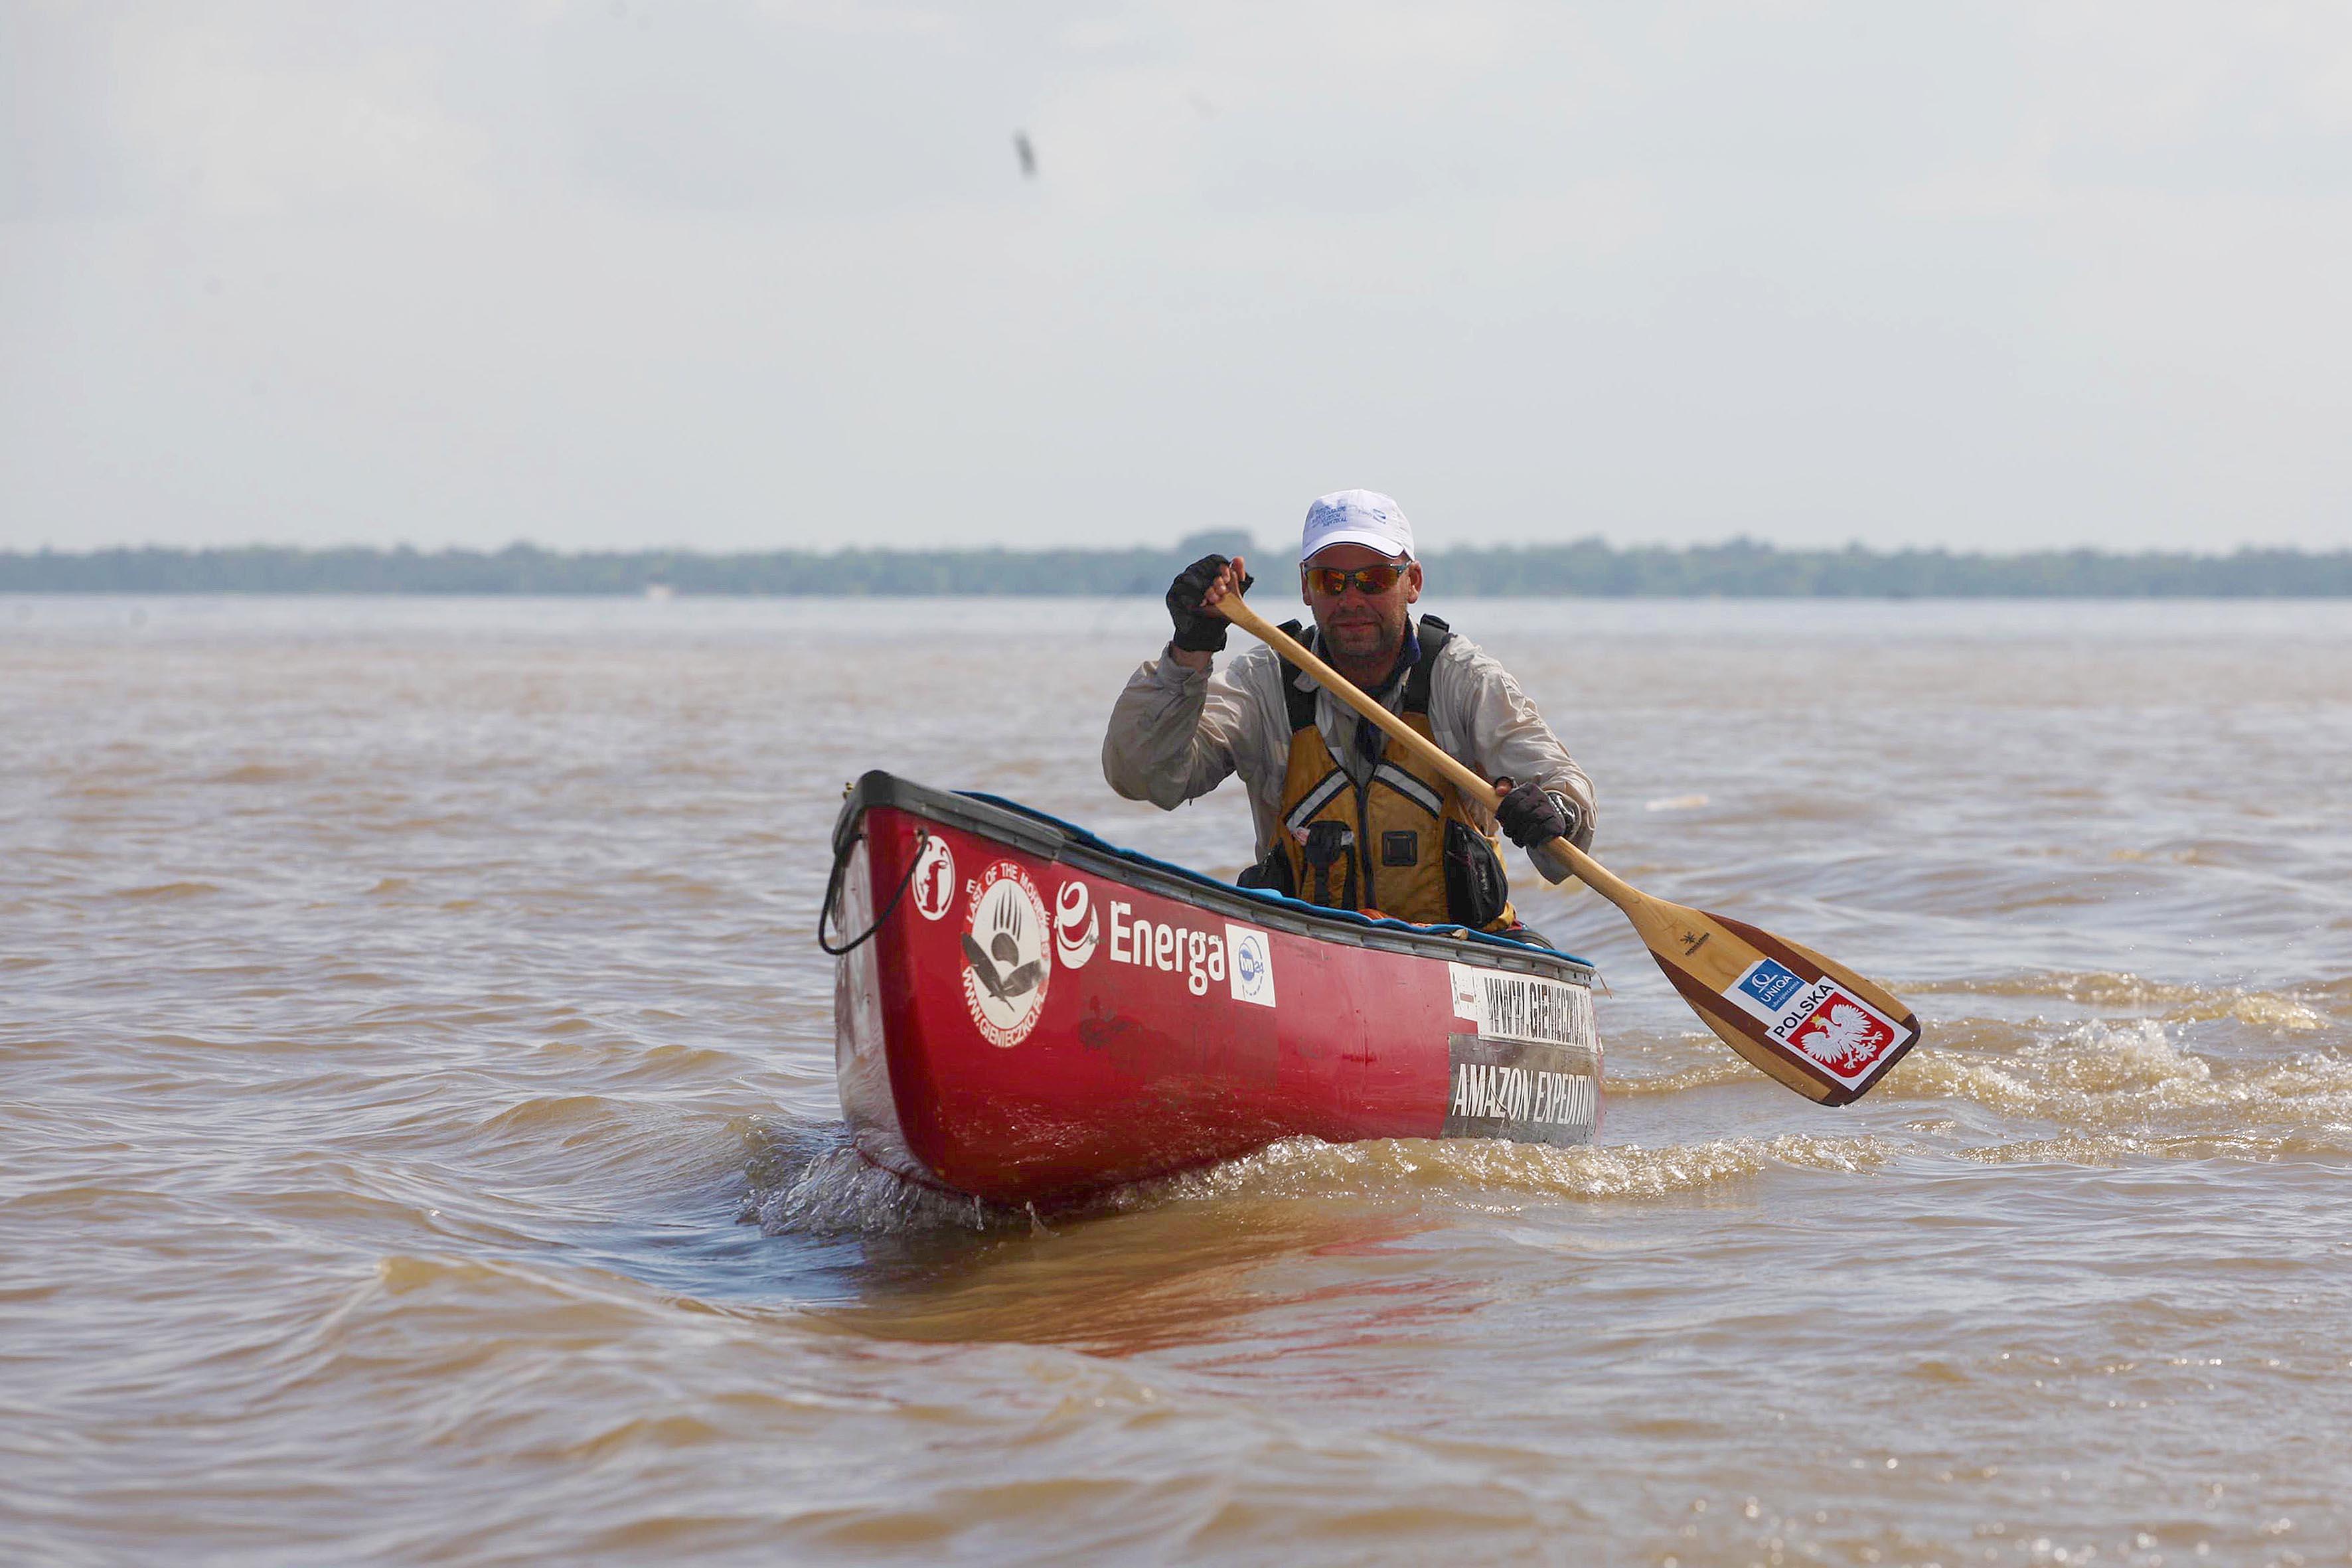 Na tarde desta terça-feira (1), homens do Grupamento Fluvial (Gflu) da Secretaria de Estado de Segurança Pública e Defesa Social (Segup) e do Corpo de Bombeiros Militar finalizaram, no rio Pará, o trabalho de escolta ao canoísta polonês Marcin Gienieczko, 37 anos, que há 94 dias chegou à América do Sul pela cidade de Cuzco, na região andina do Peru.  FOTO: ANDERSON SILVA / AG. PARÁ DATA: 01.09.2015 BELÉM - PARÁ